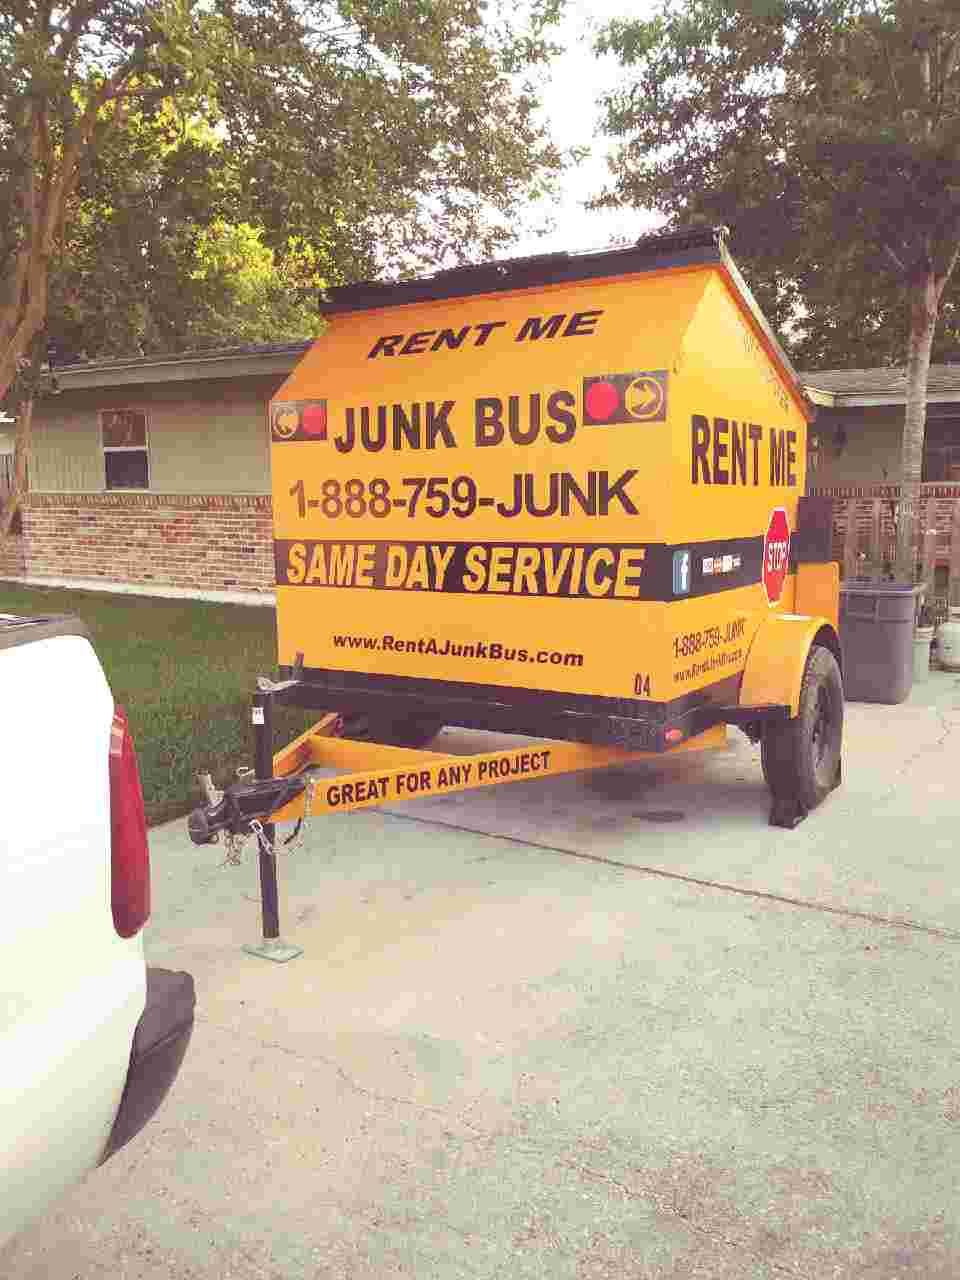 Dumpster Rental, Mississippi dumpster rental, waveland dumpster rental, junk removal, small dumpster rental